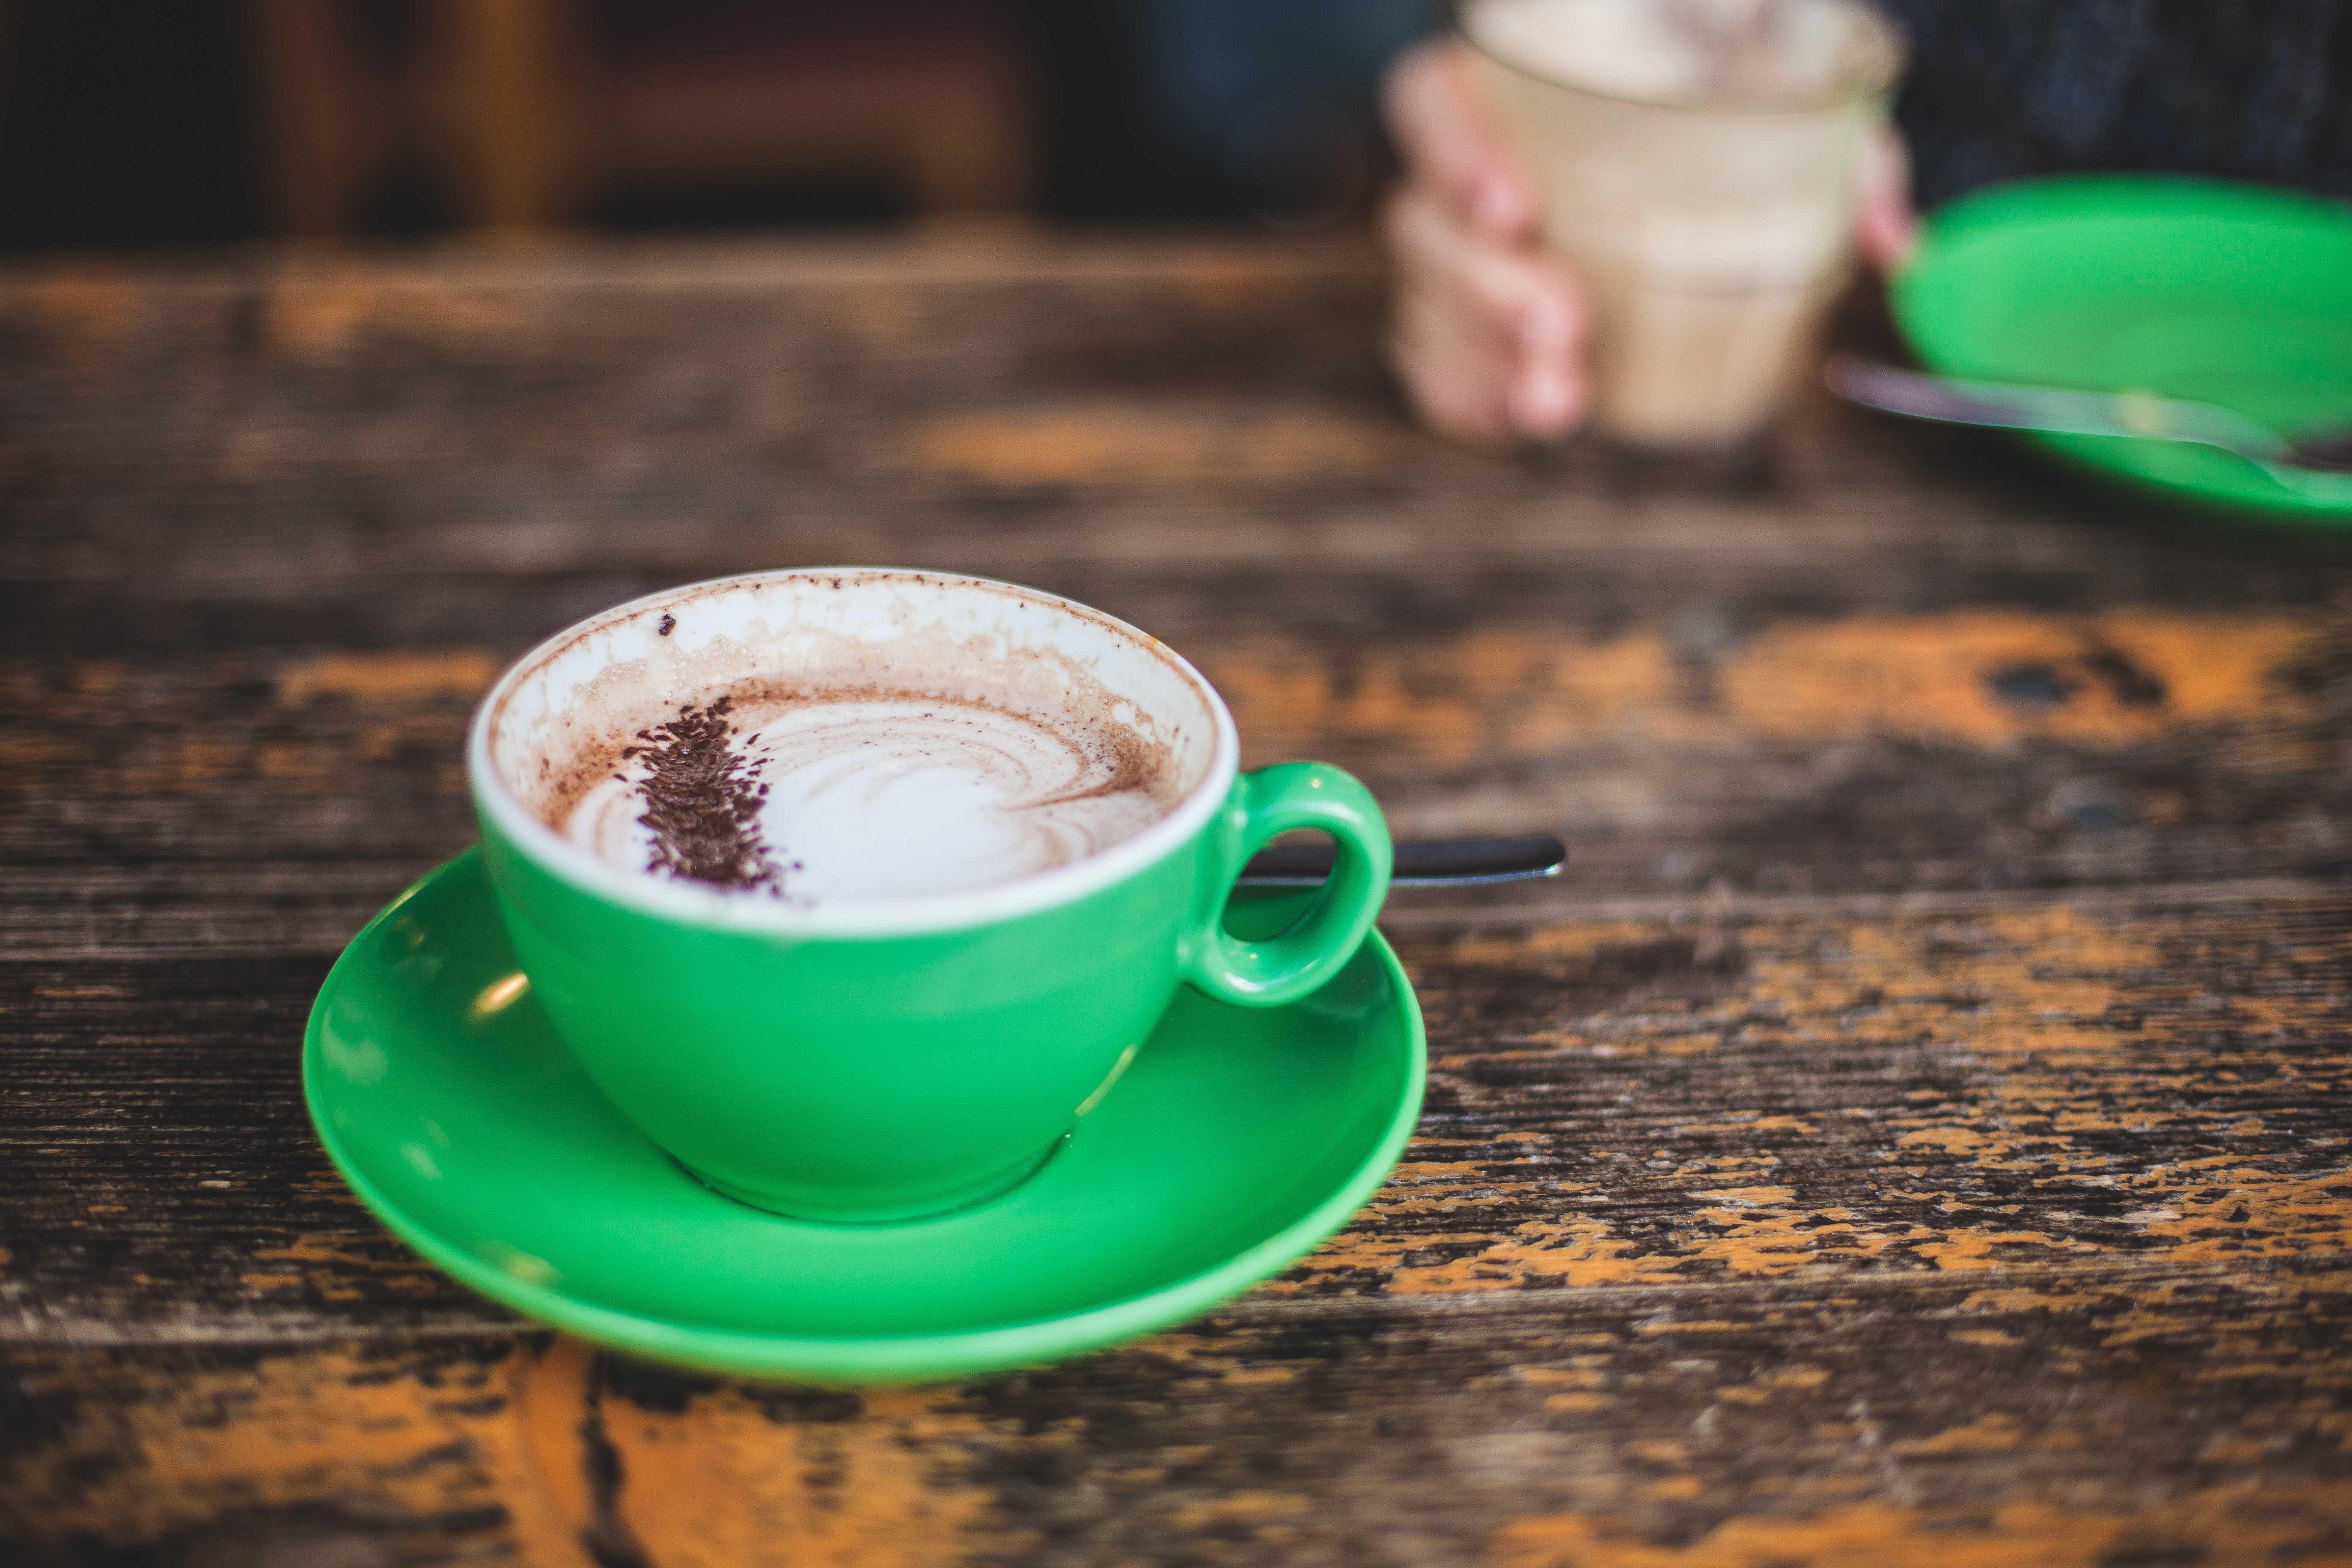 Как сделать кофе капучино капучинатором